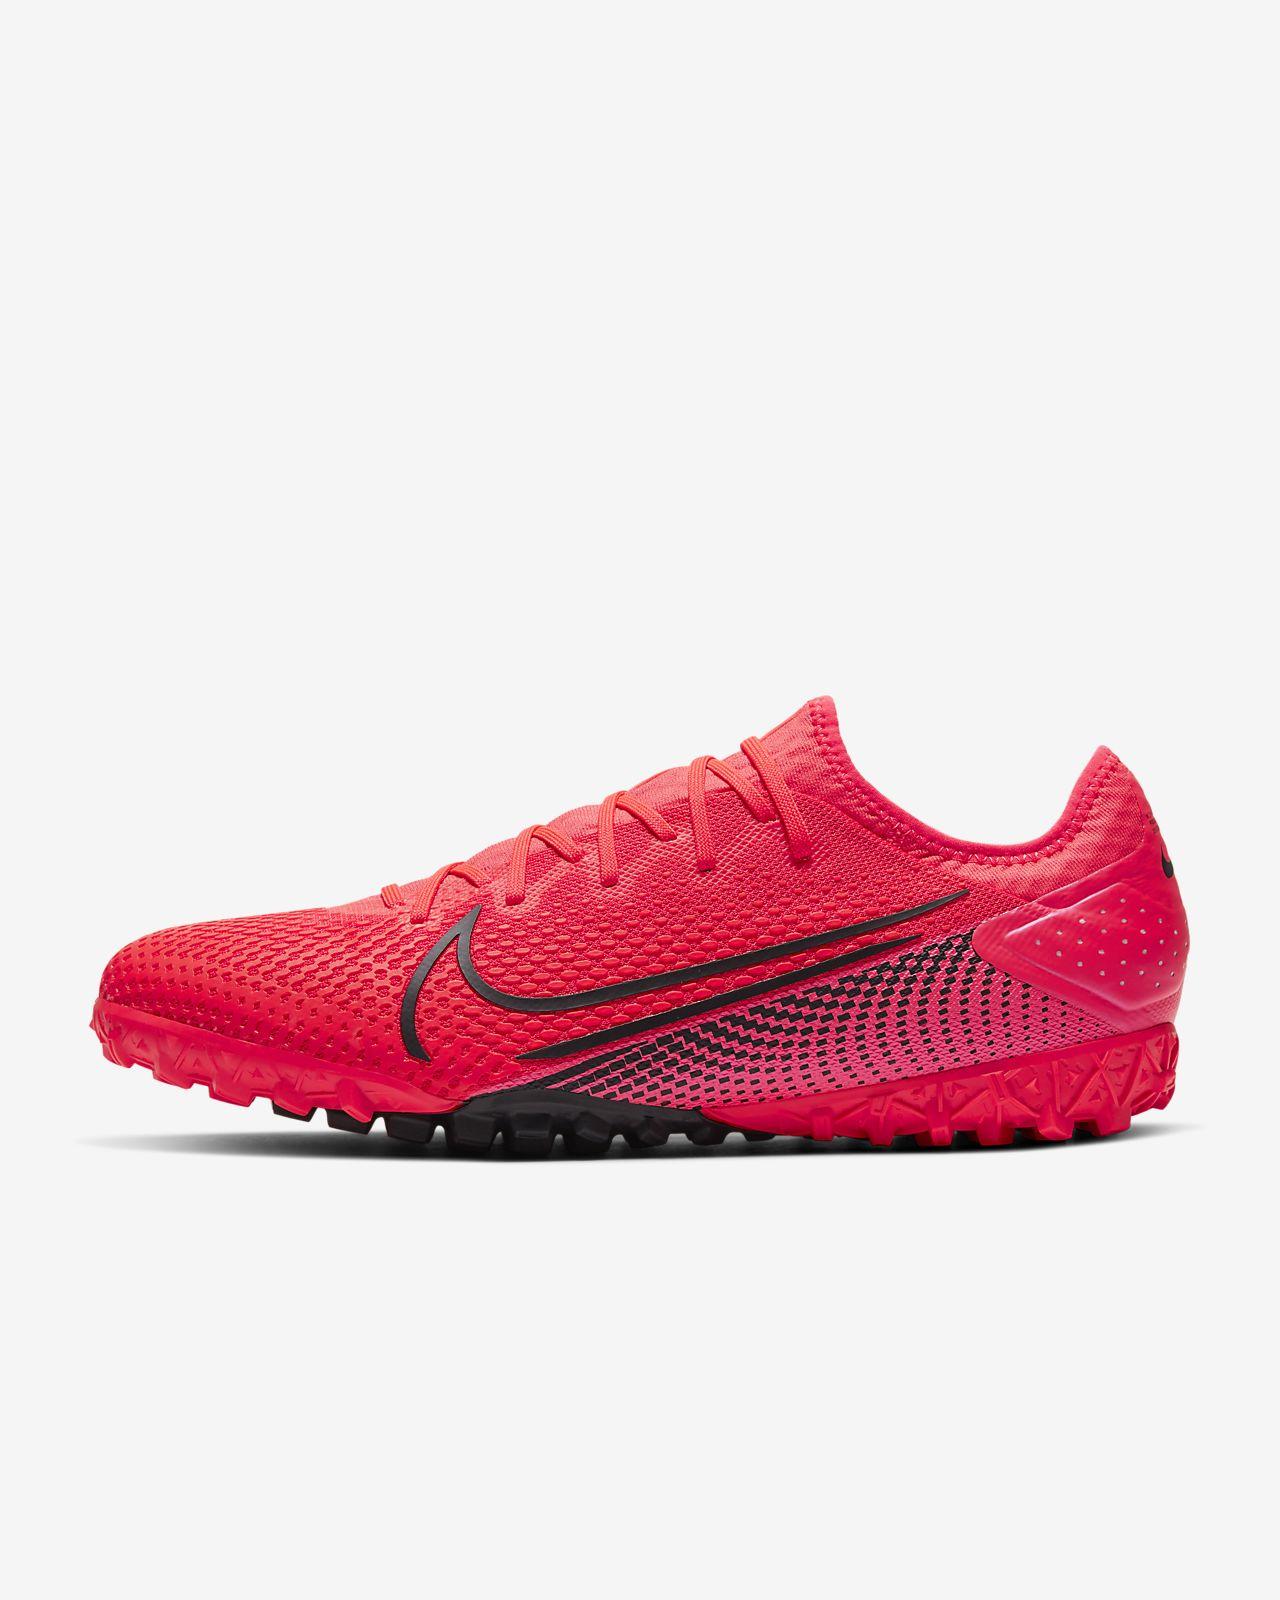 Nike Mercurial Vapor 13 Pro TF Artificial-Turf Football Shoe